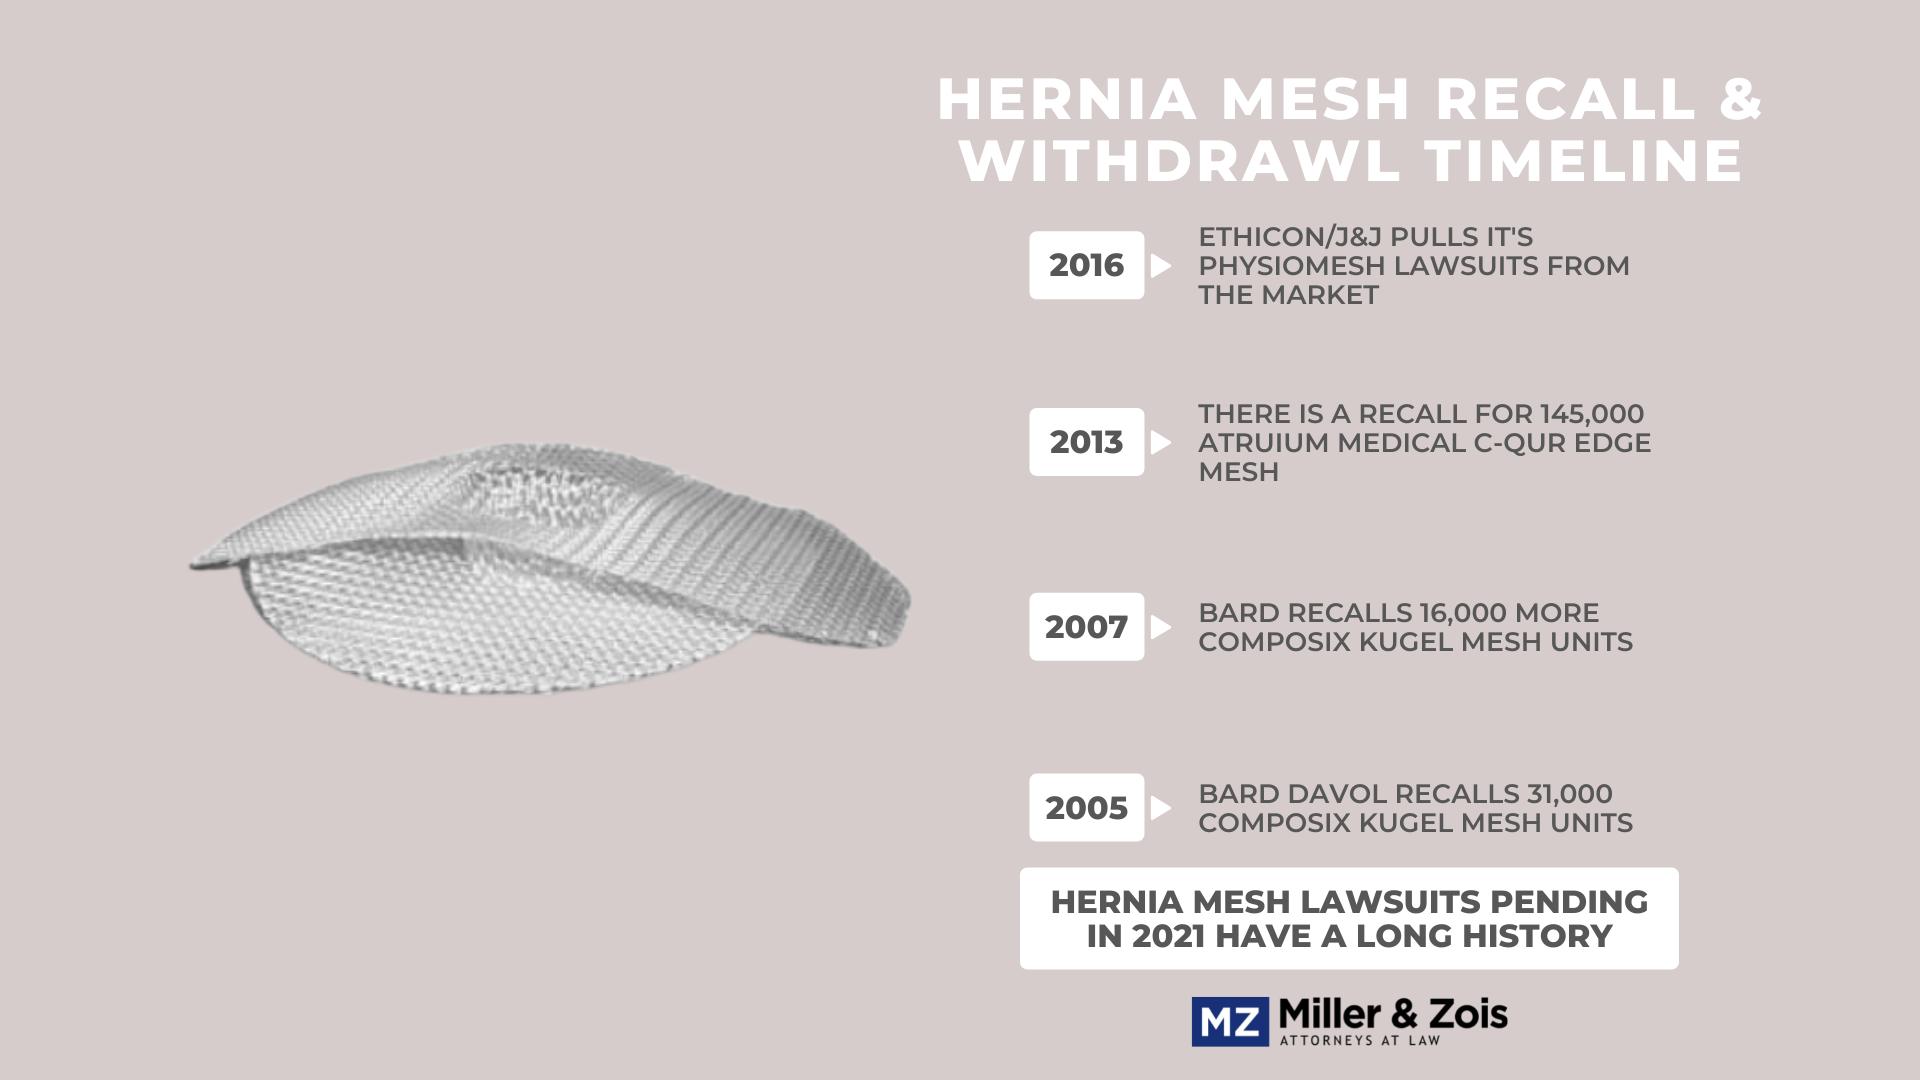 hernia-mesh-lawsuits-pending-2